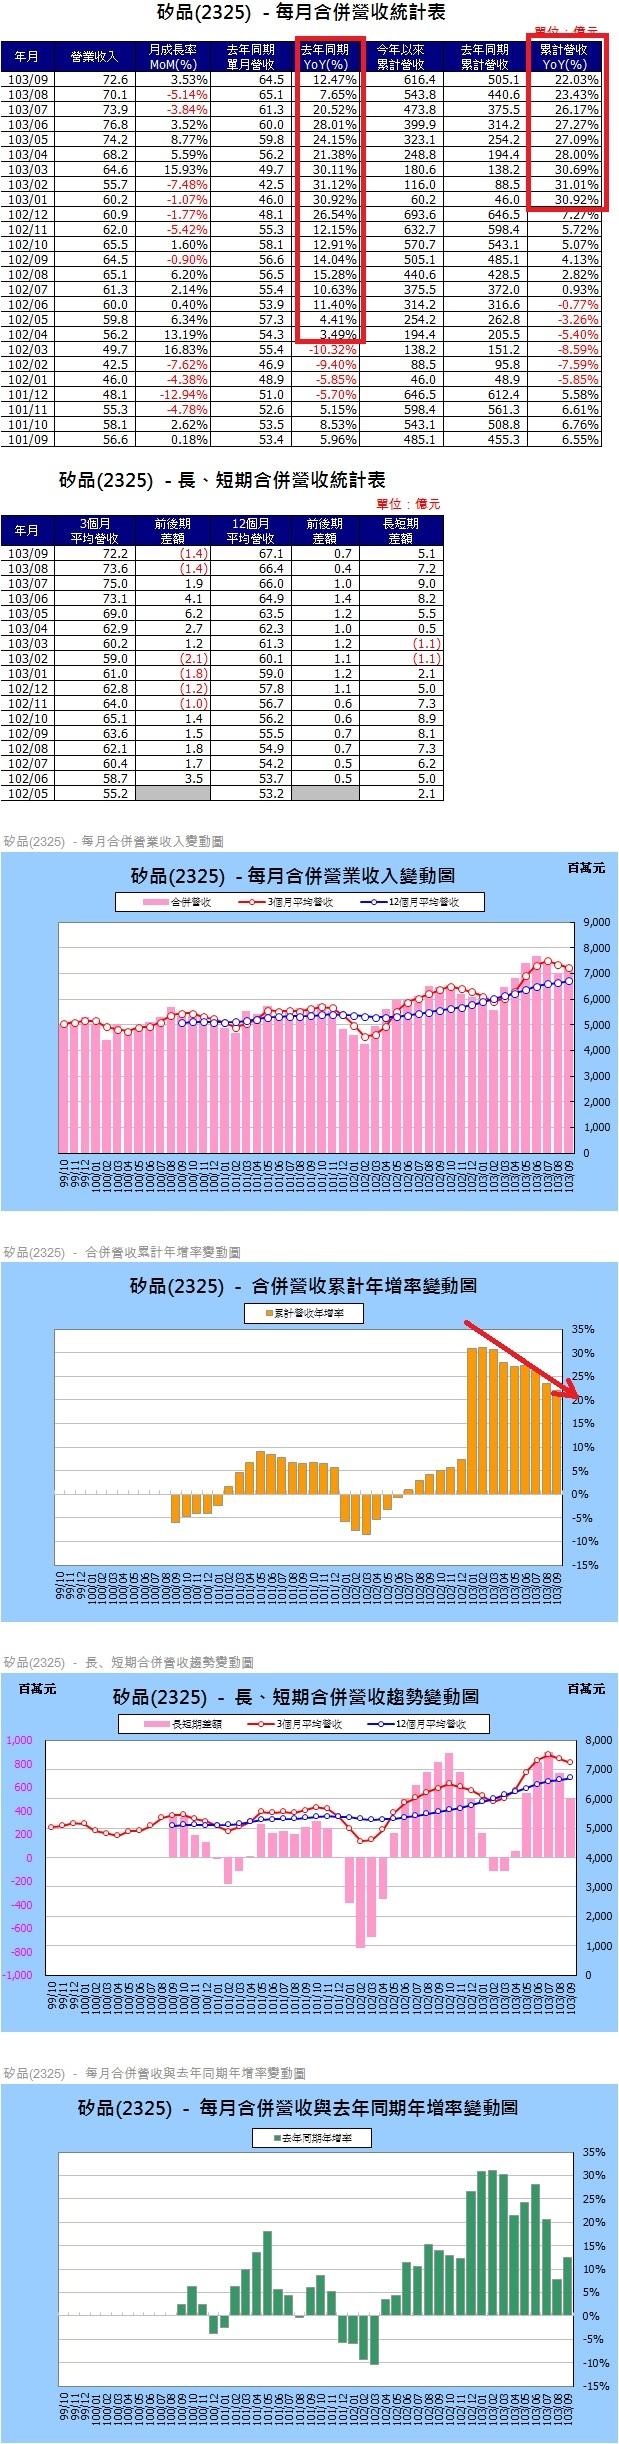 2325各月營收及趨勢圖